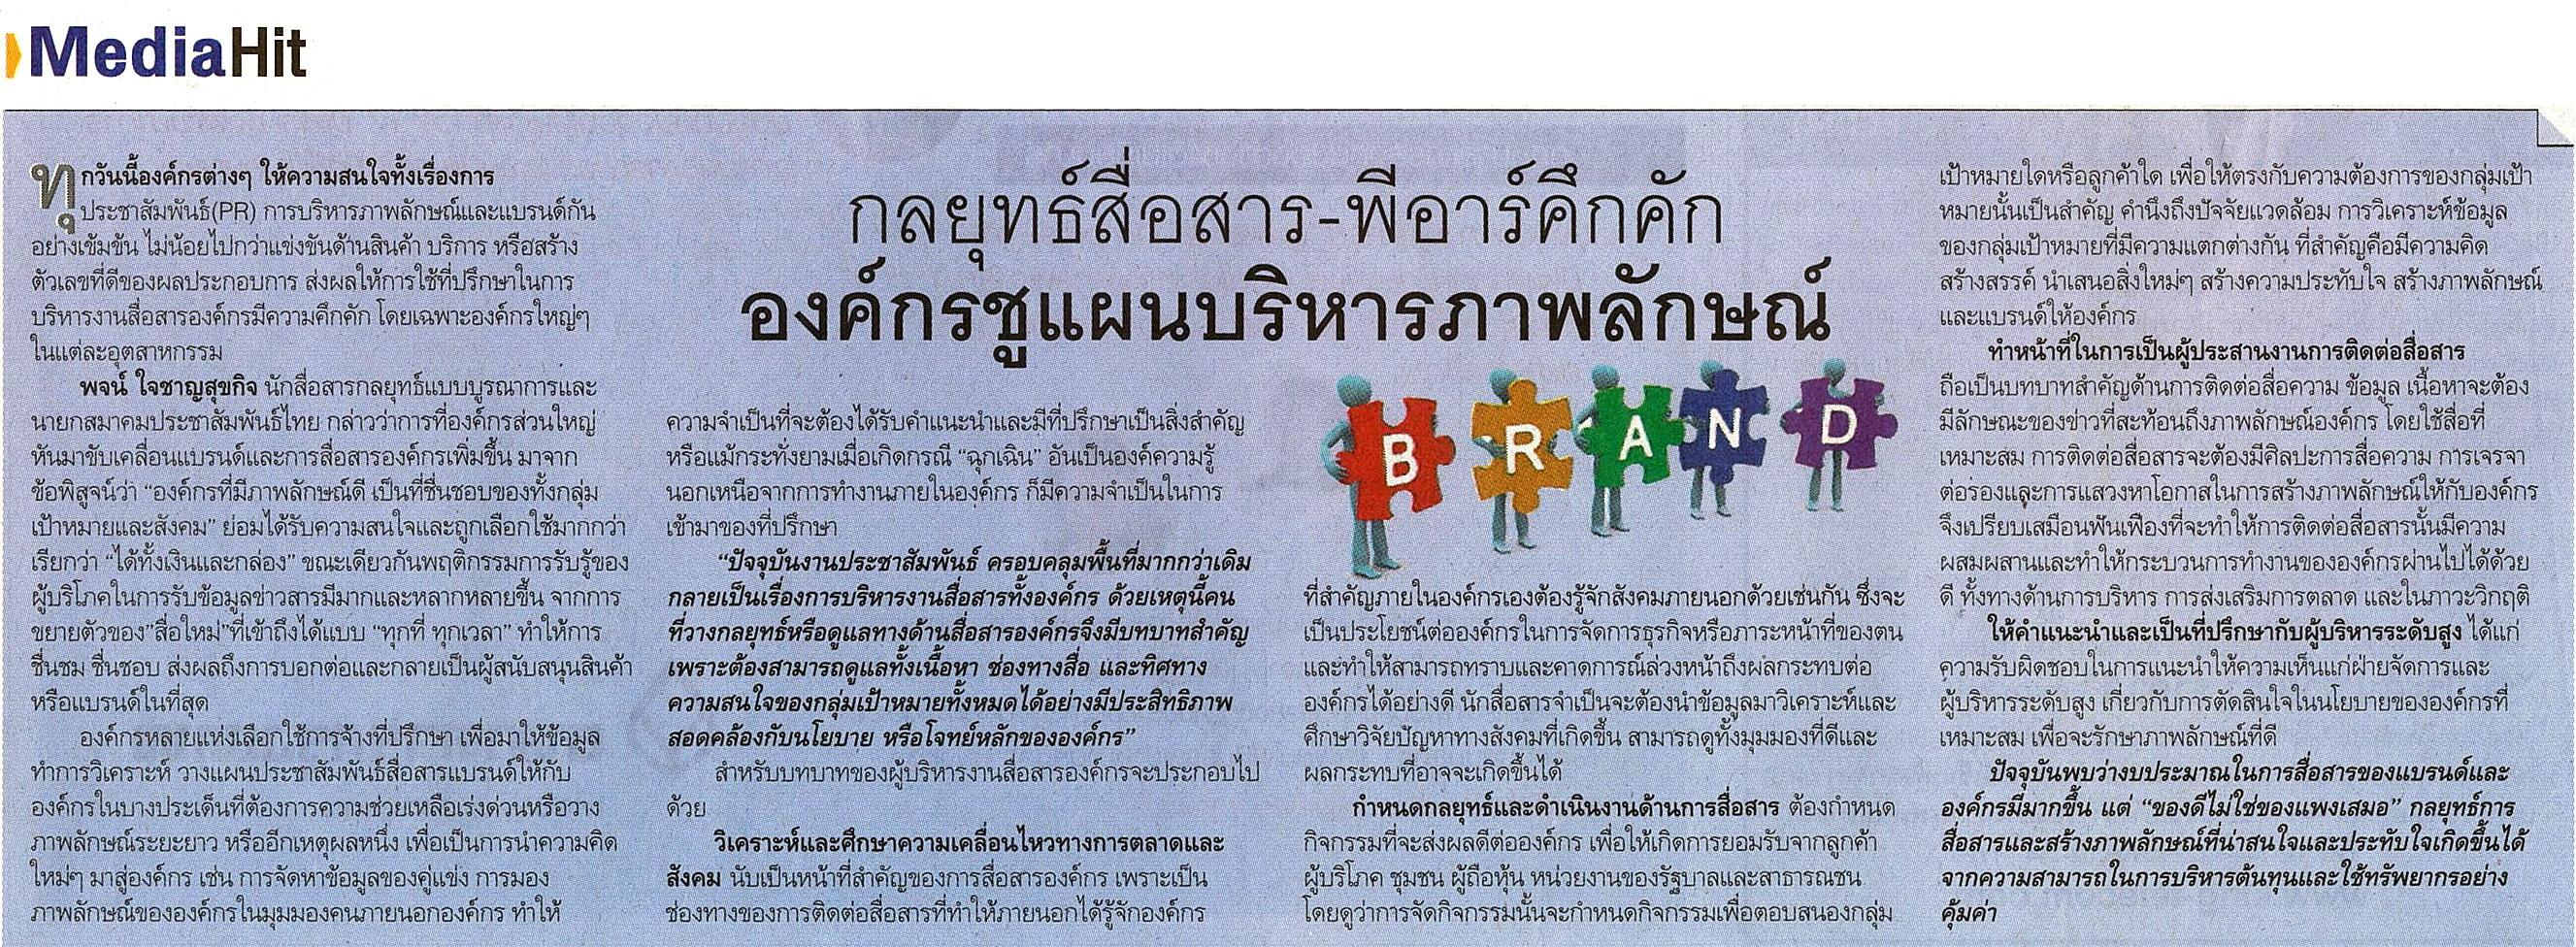 กลุยุทธ์การสื่อสาร-พีอาร์คึกคัก<br/>องค์กรชูแผนบริหารภาพลักษณ์